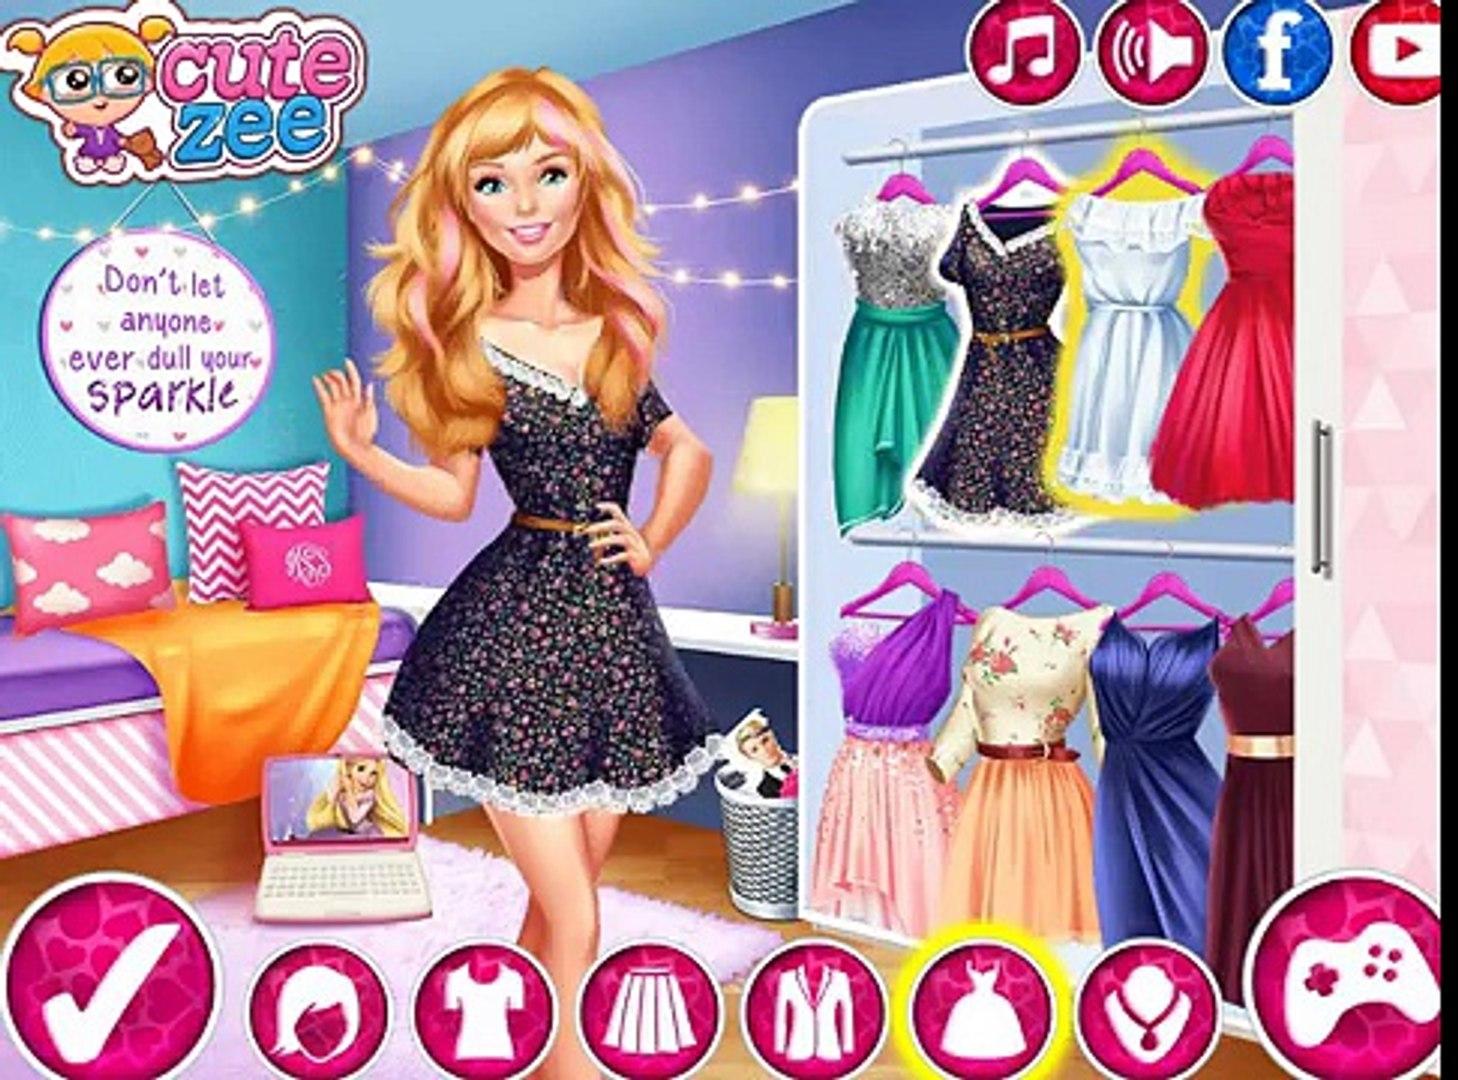 Barbie Date Crusher - Barbie games